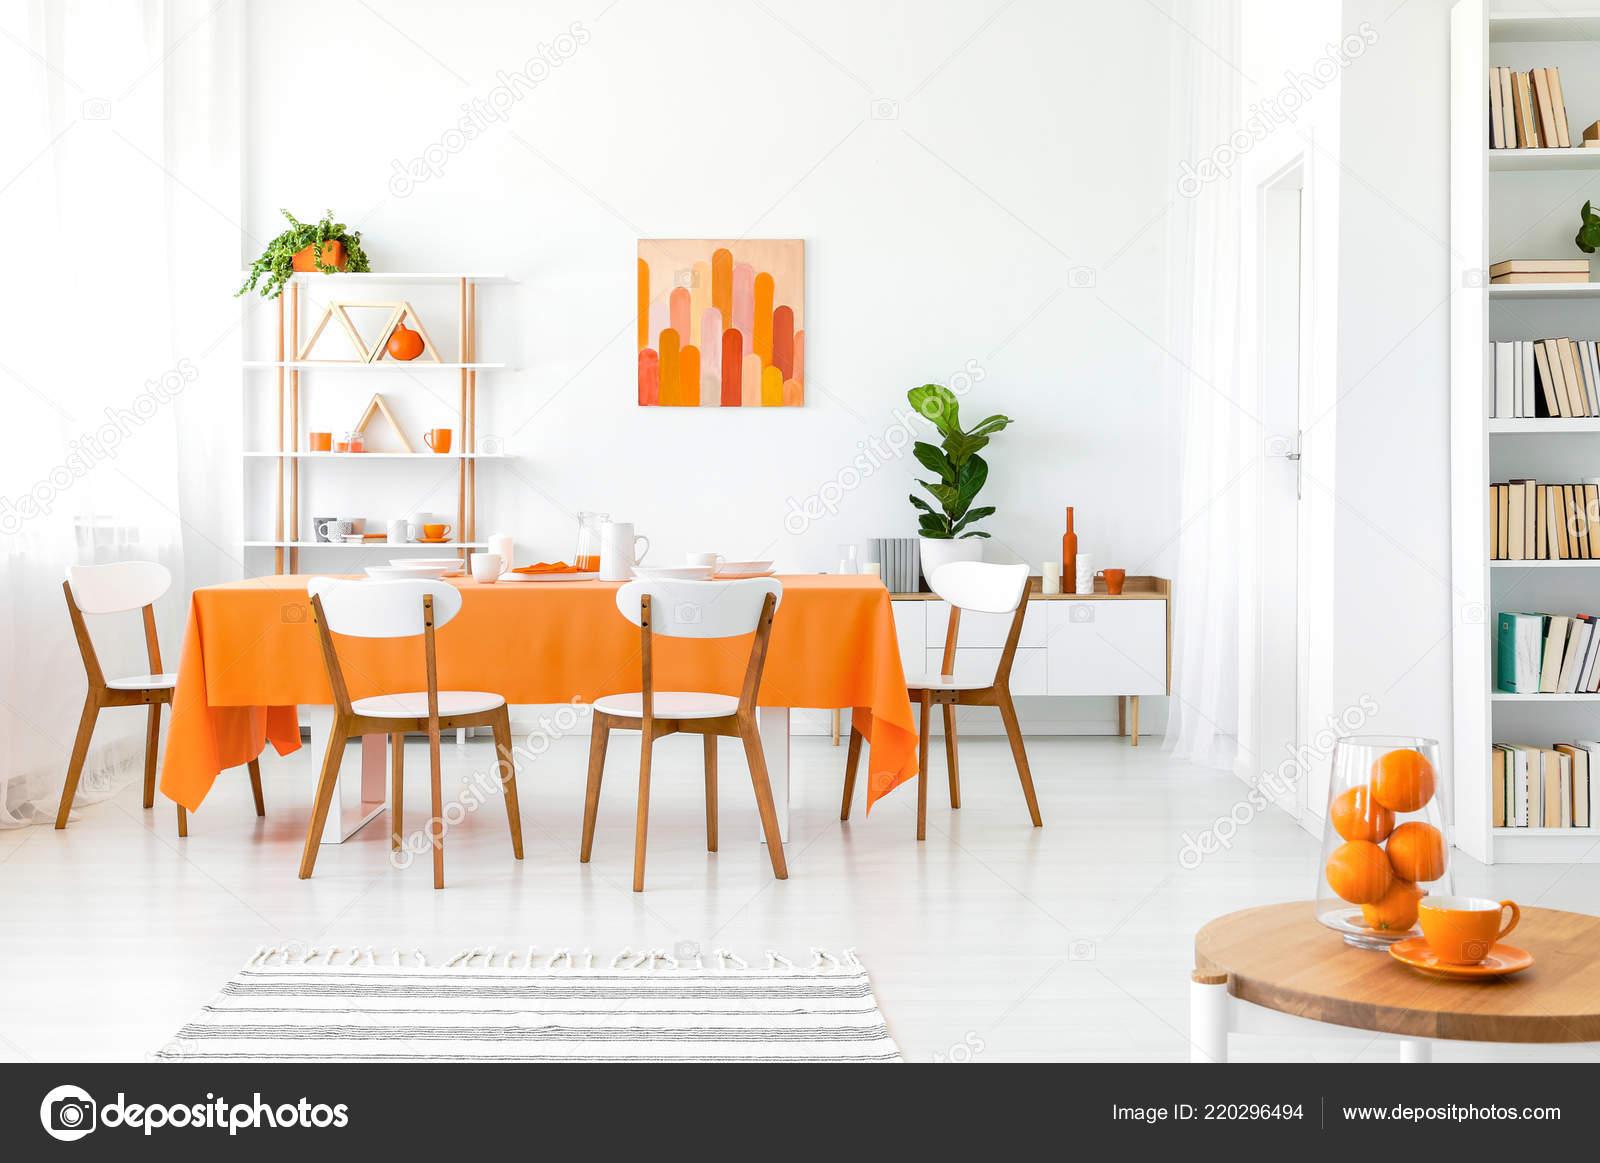 Eetkamer Van Oranje : Witte oranje eetkamer met schilderen muur boekenkast hoek groene